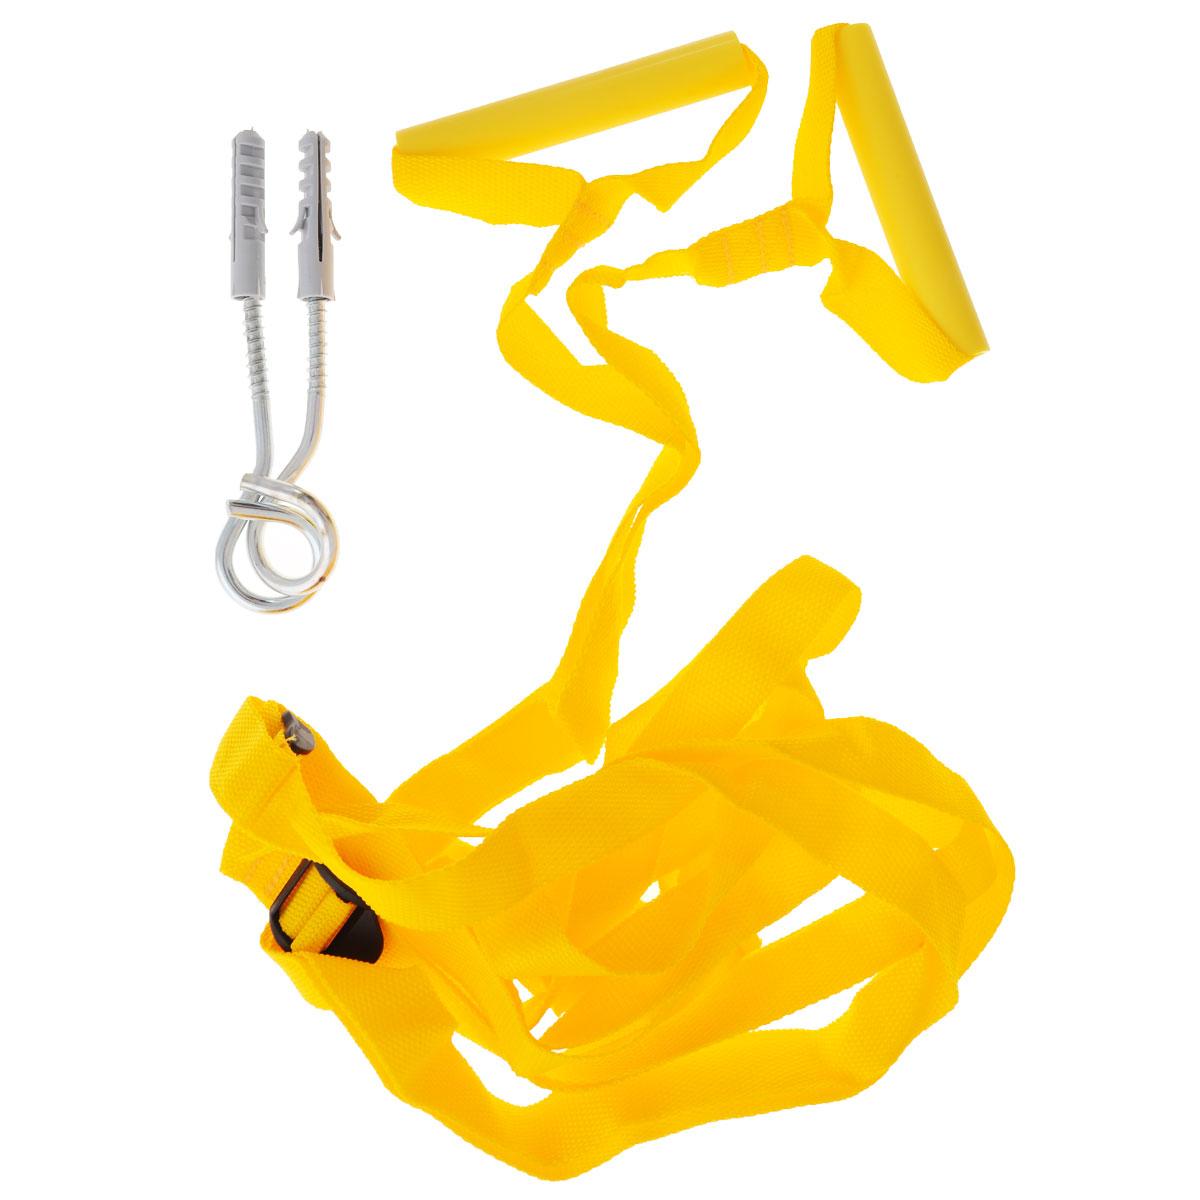 Игрушка-тренажер Кольца-тарзанка, цвет: желтыйип.0010Игрушка-тренажер Спортбэби Кольца-тарзанка позволит вашему ребенку получить массу положительных эмоций! Это прекрасный спортивный тренажер для вашего малыша, который крепится в дверном проеме. Ребенок сможет на кольцах раскачиваться или подтягиваться, развивая мышцы плечевого пояса, тренируя силу и ловкость.